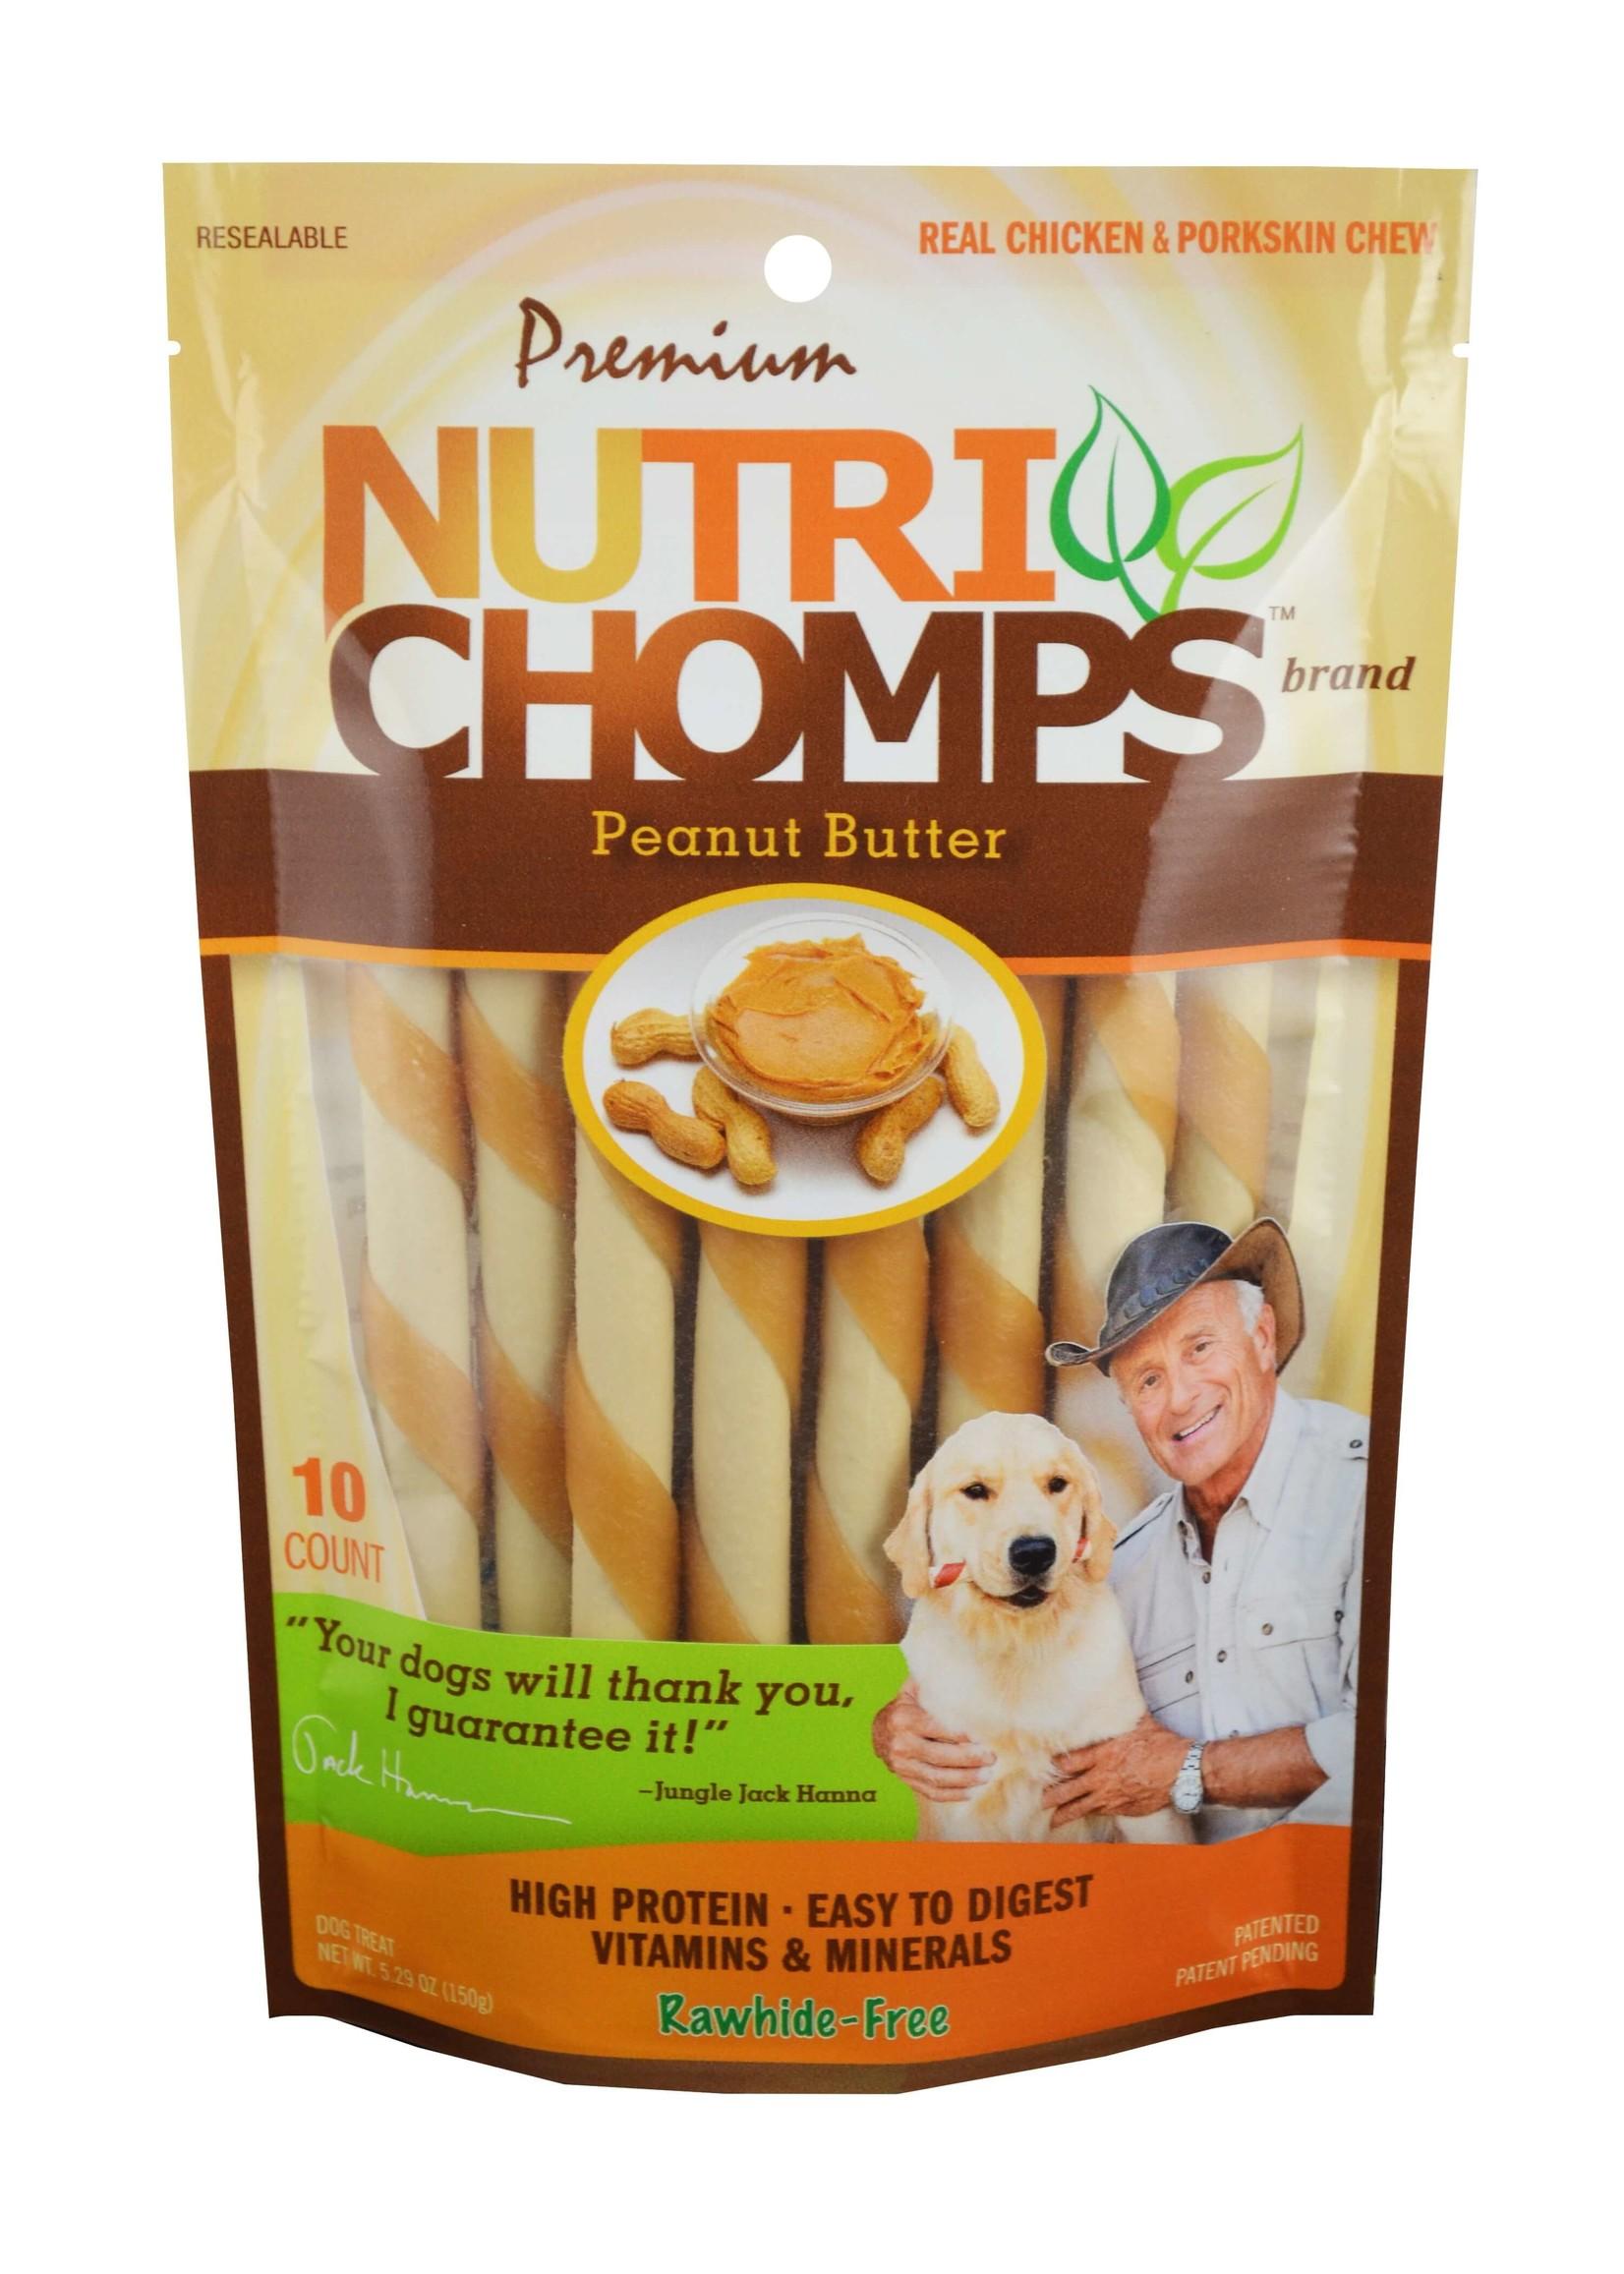 Nutri Chomps Nutri Chomps Peanut Butter Mini Twists 10 ct